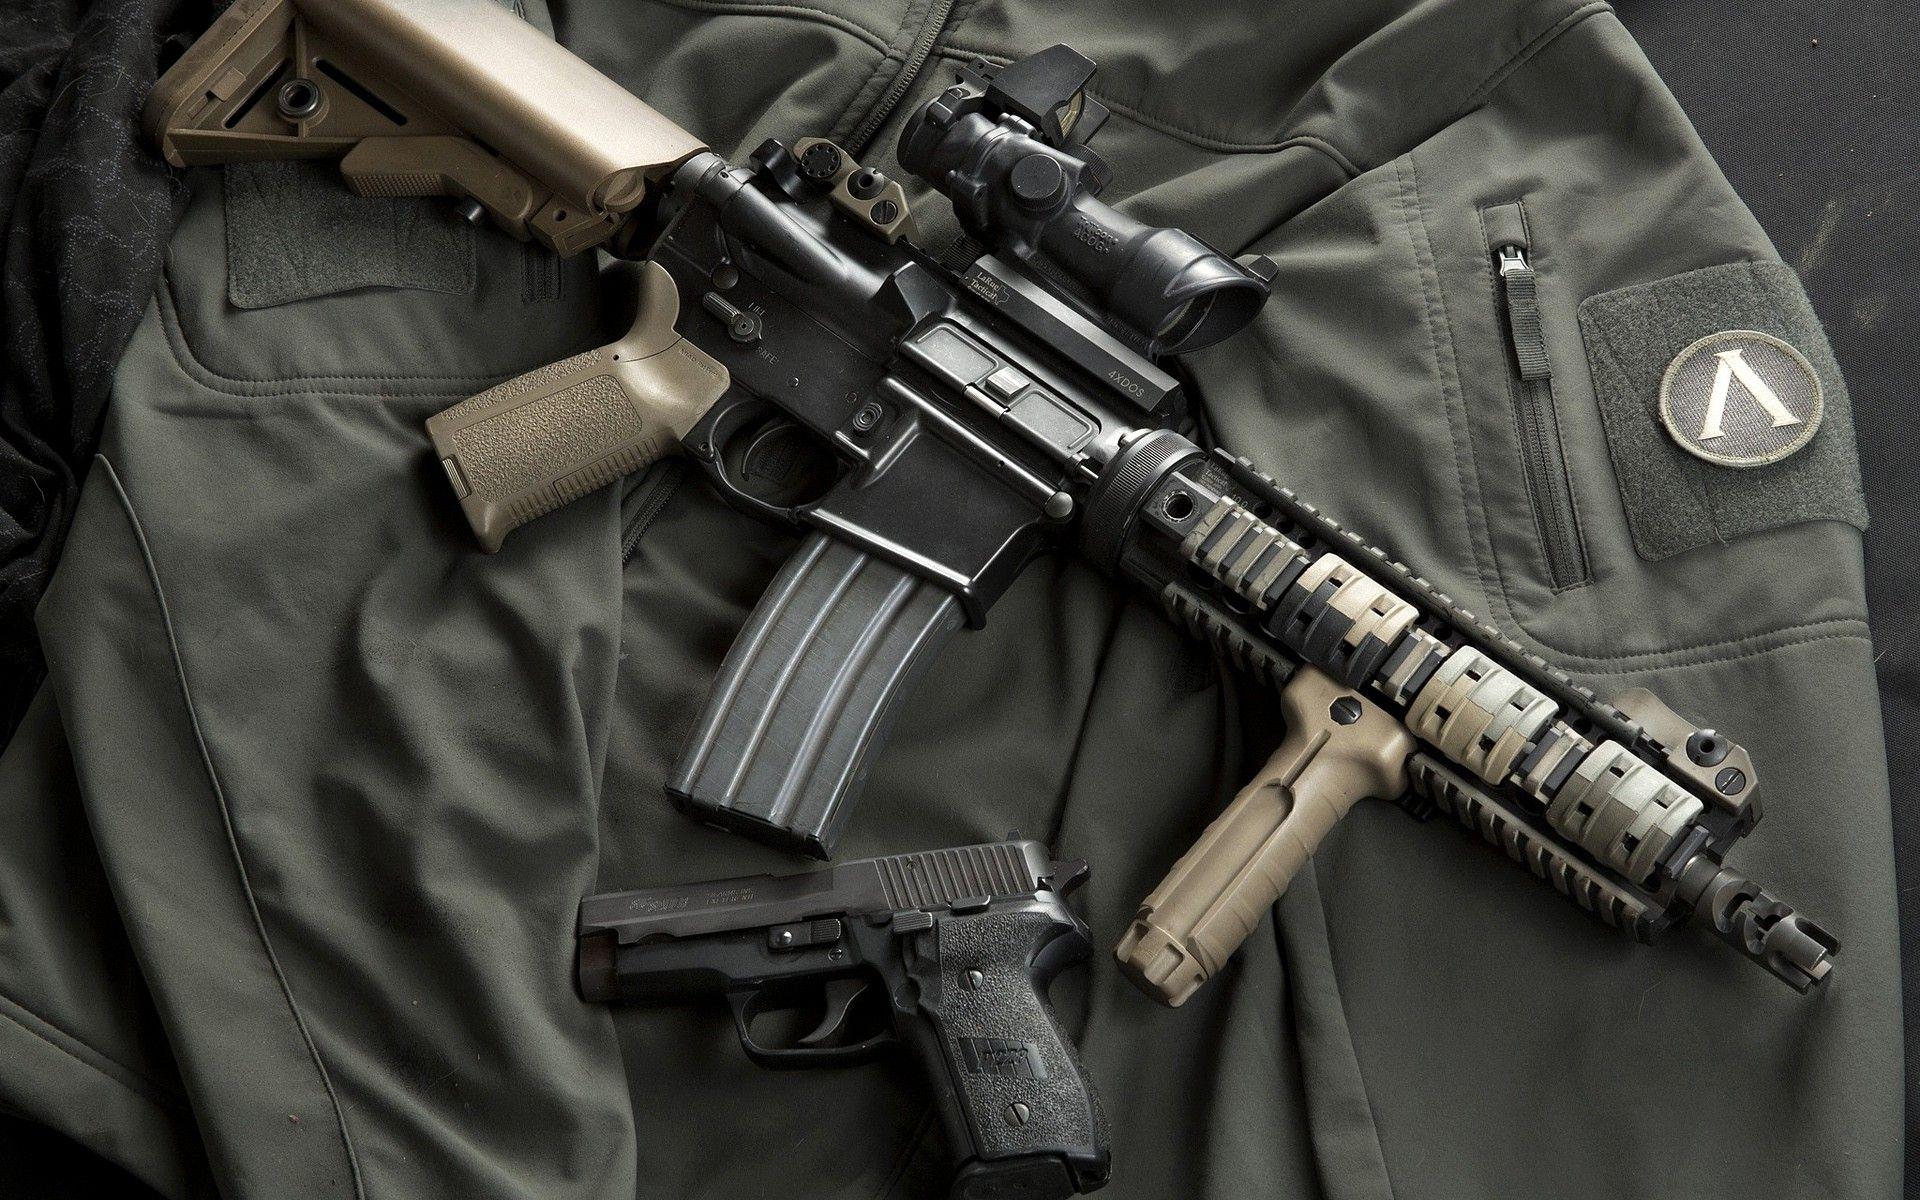 Bullets of Sniper Gun USA HD Wallpaper | Wallpapers | Pinterest ...